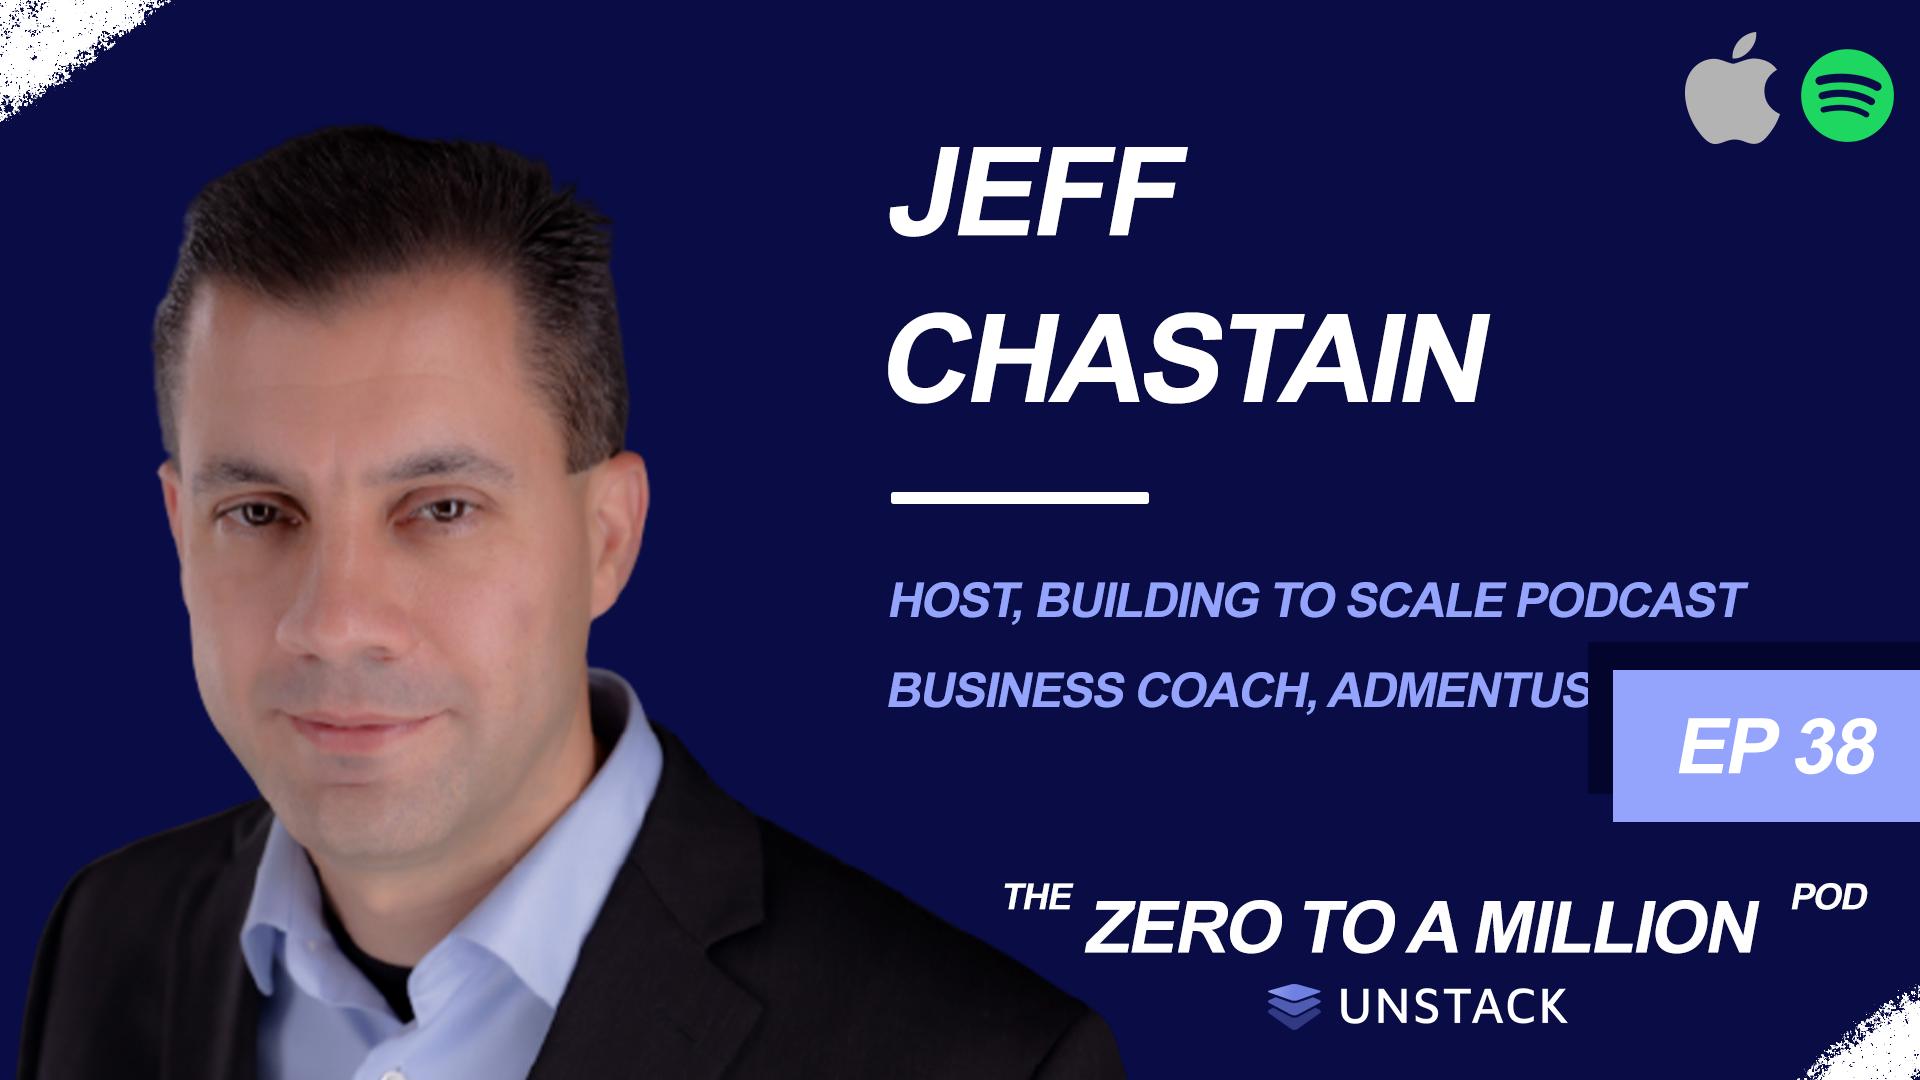 Zero to a Million, Episode 38: Jeff Chastain